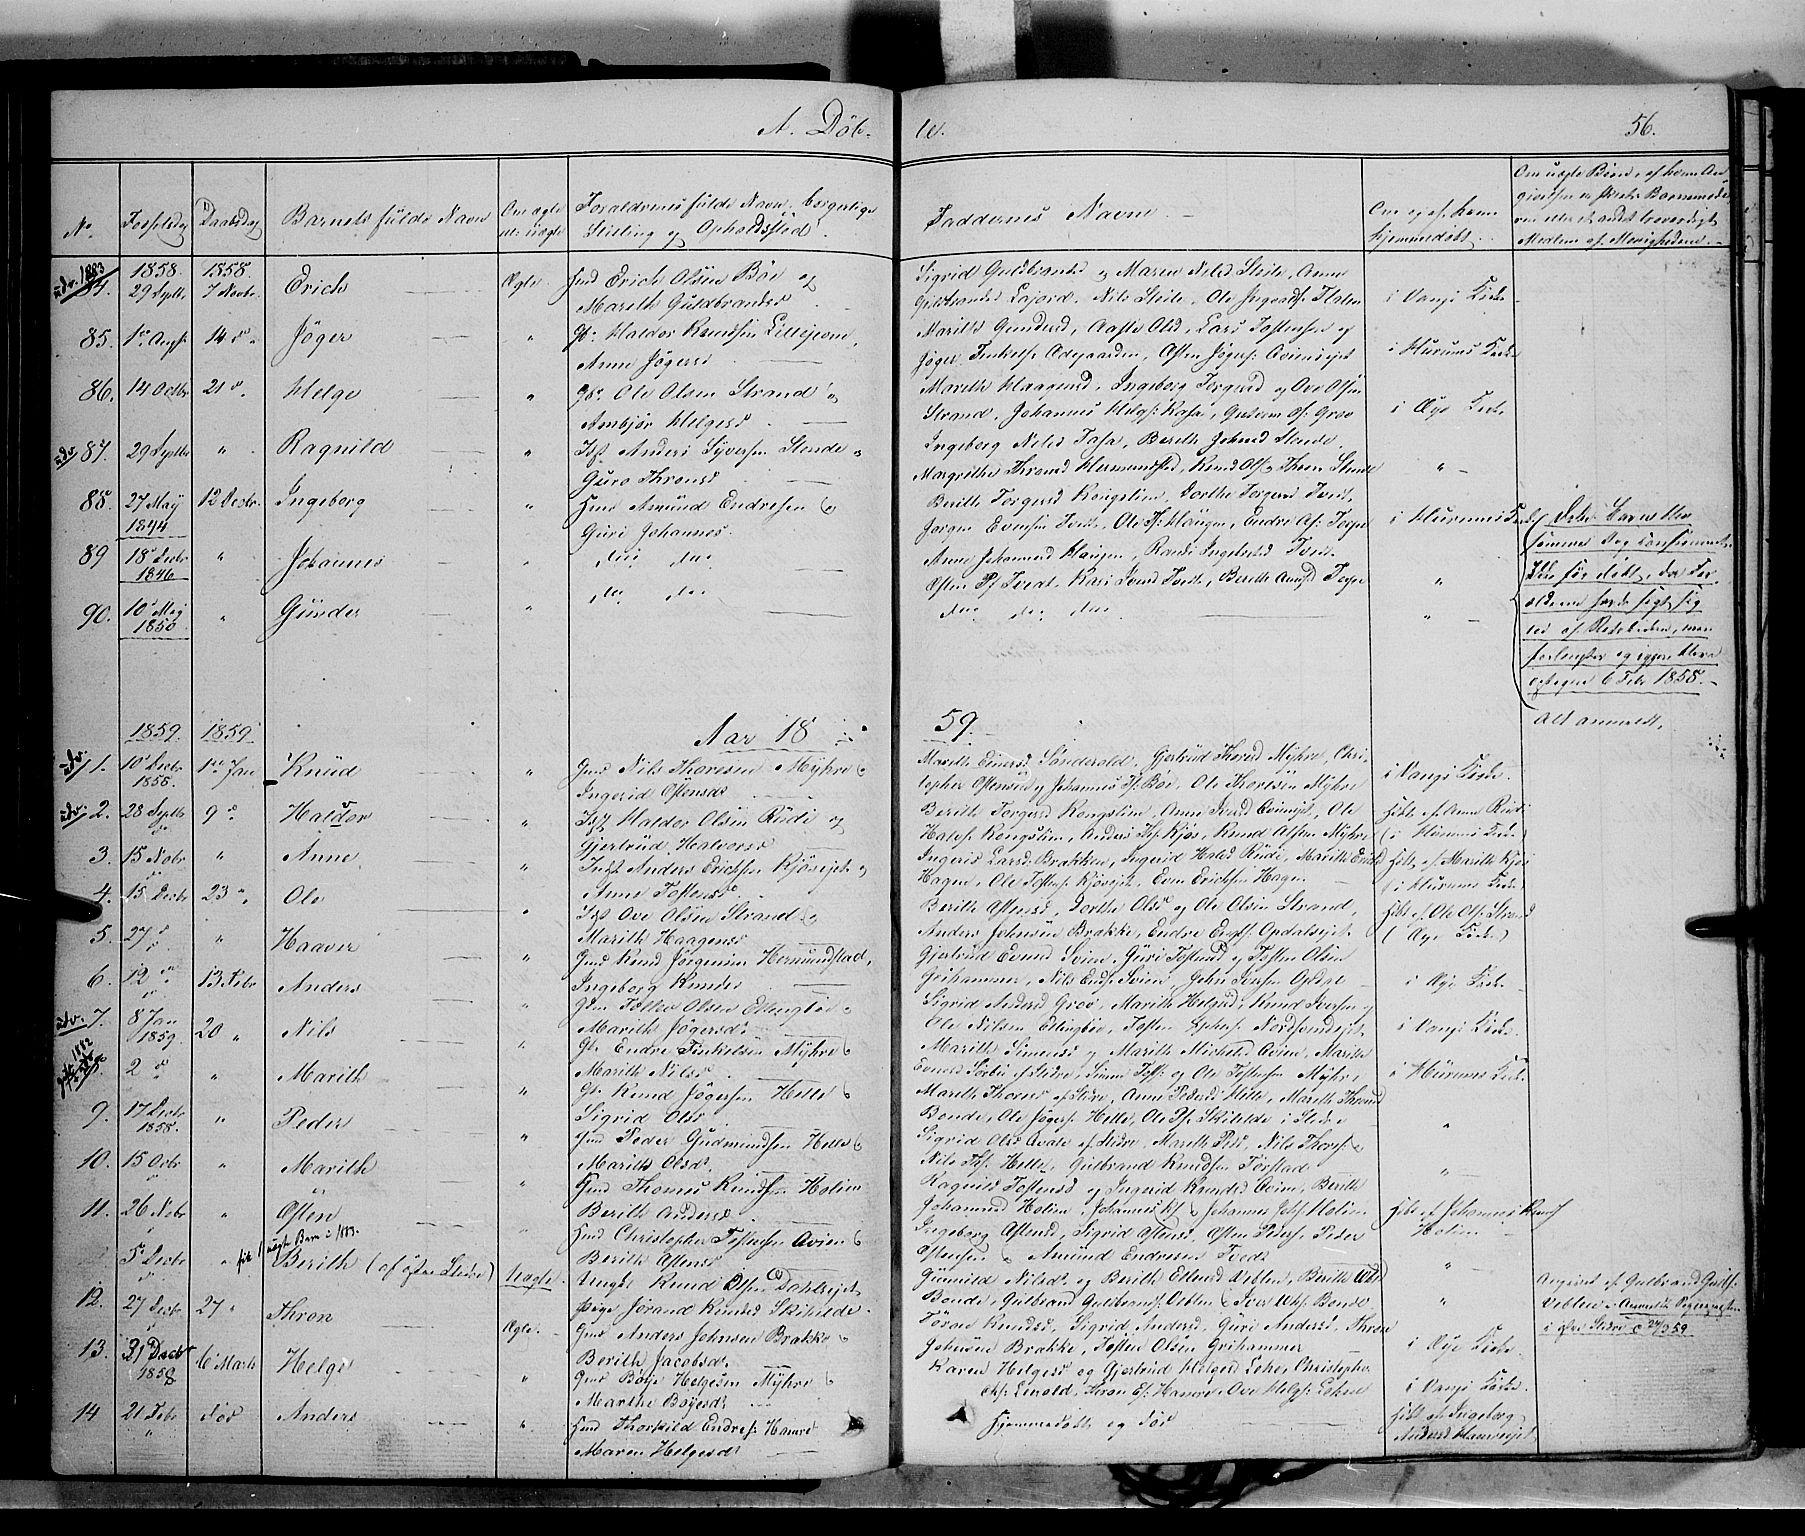 SAH, Vang prestekontor, Valdres, Ministerialbok nr. 6, 1846-1864, s. 56